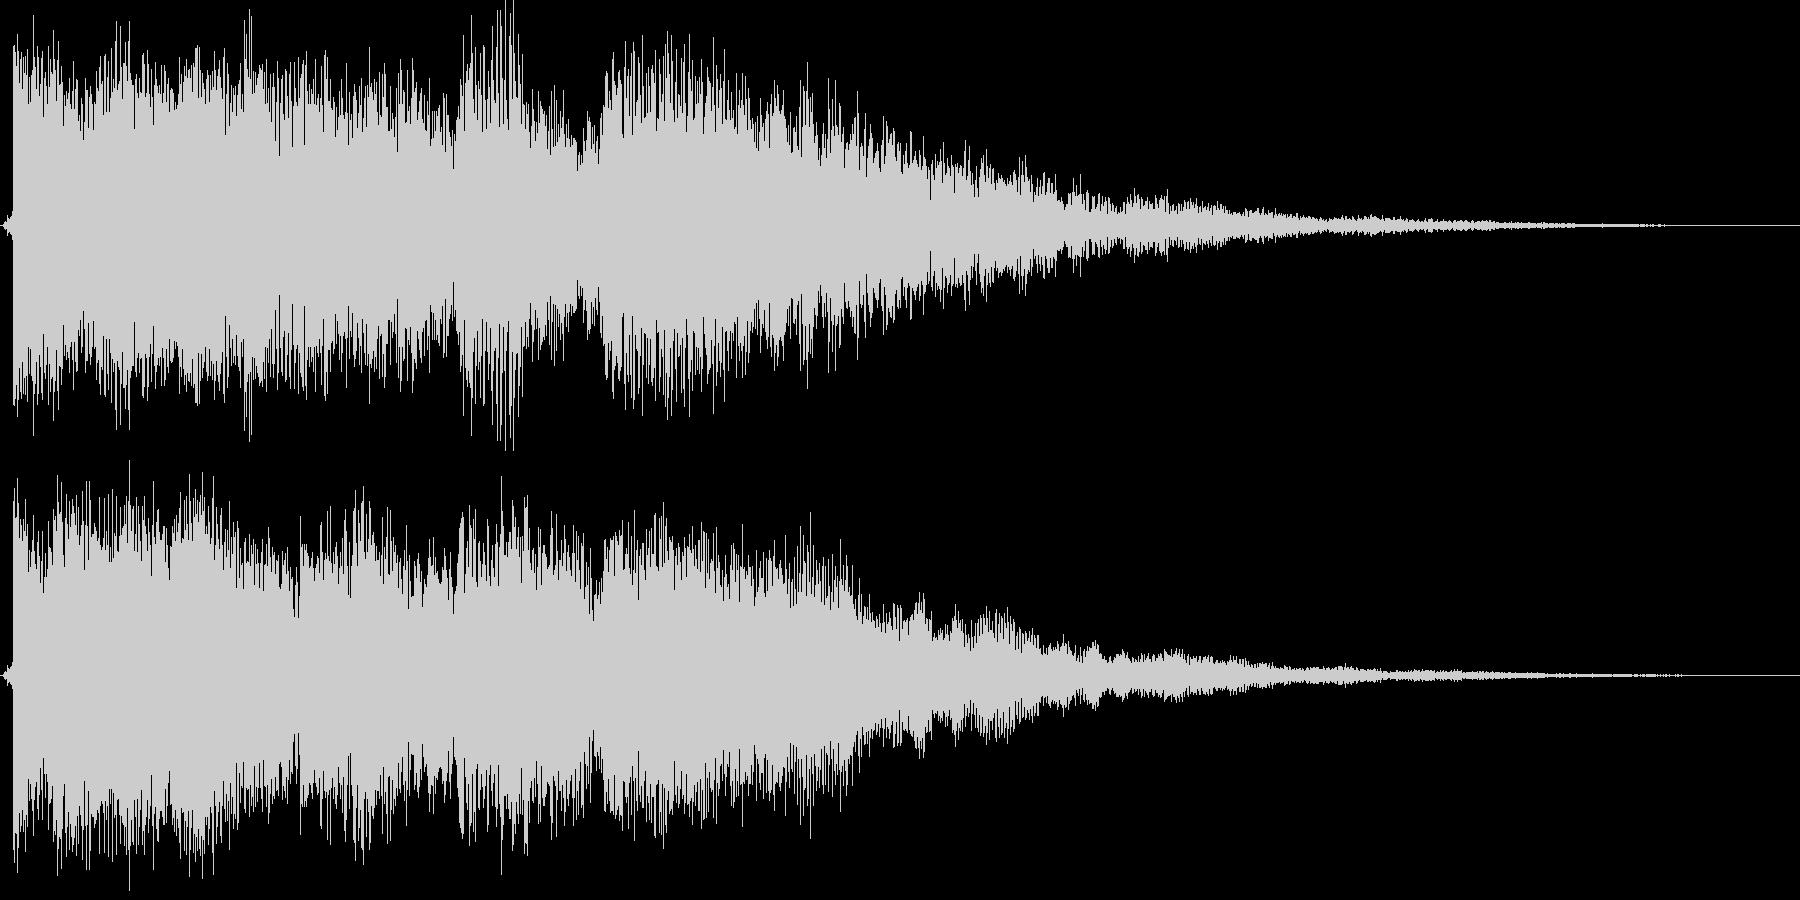 ティロロンティントントン(ベル的)の未再生の波形